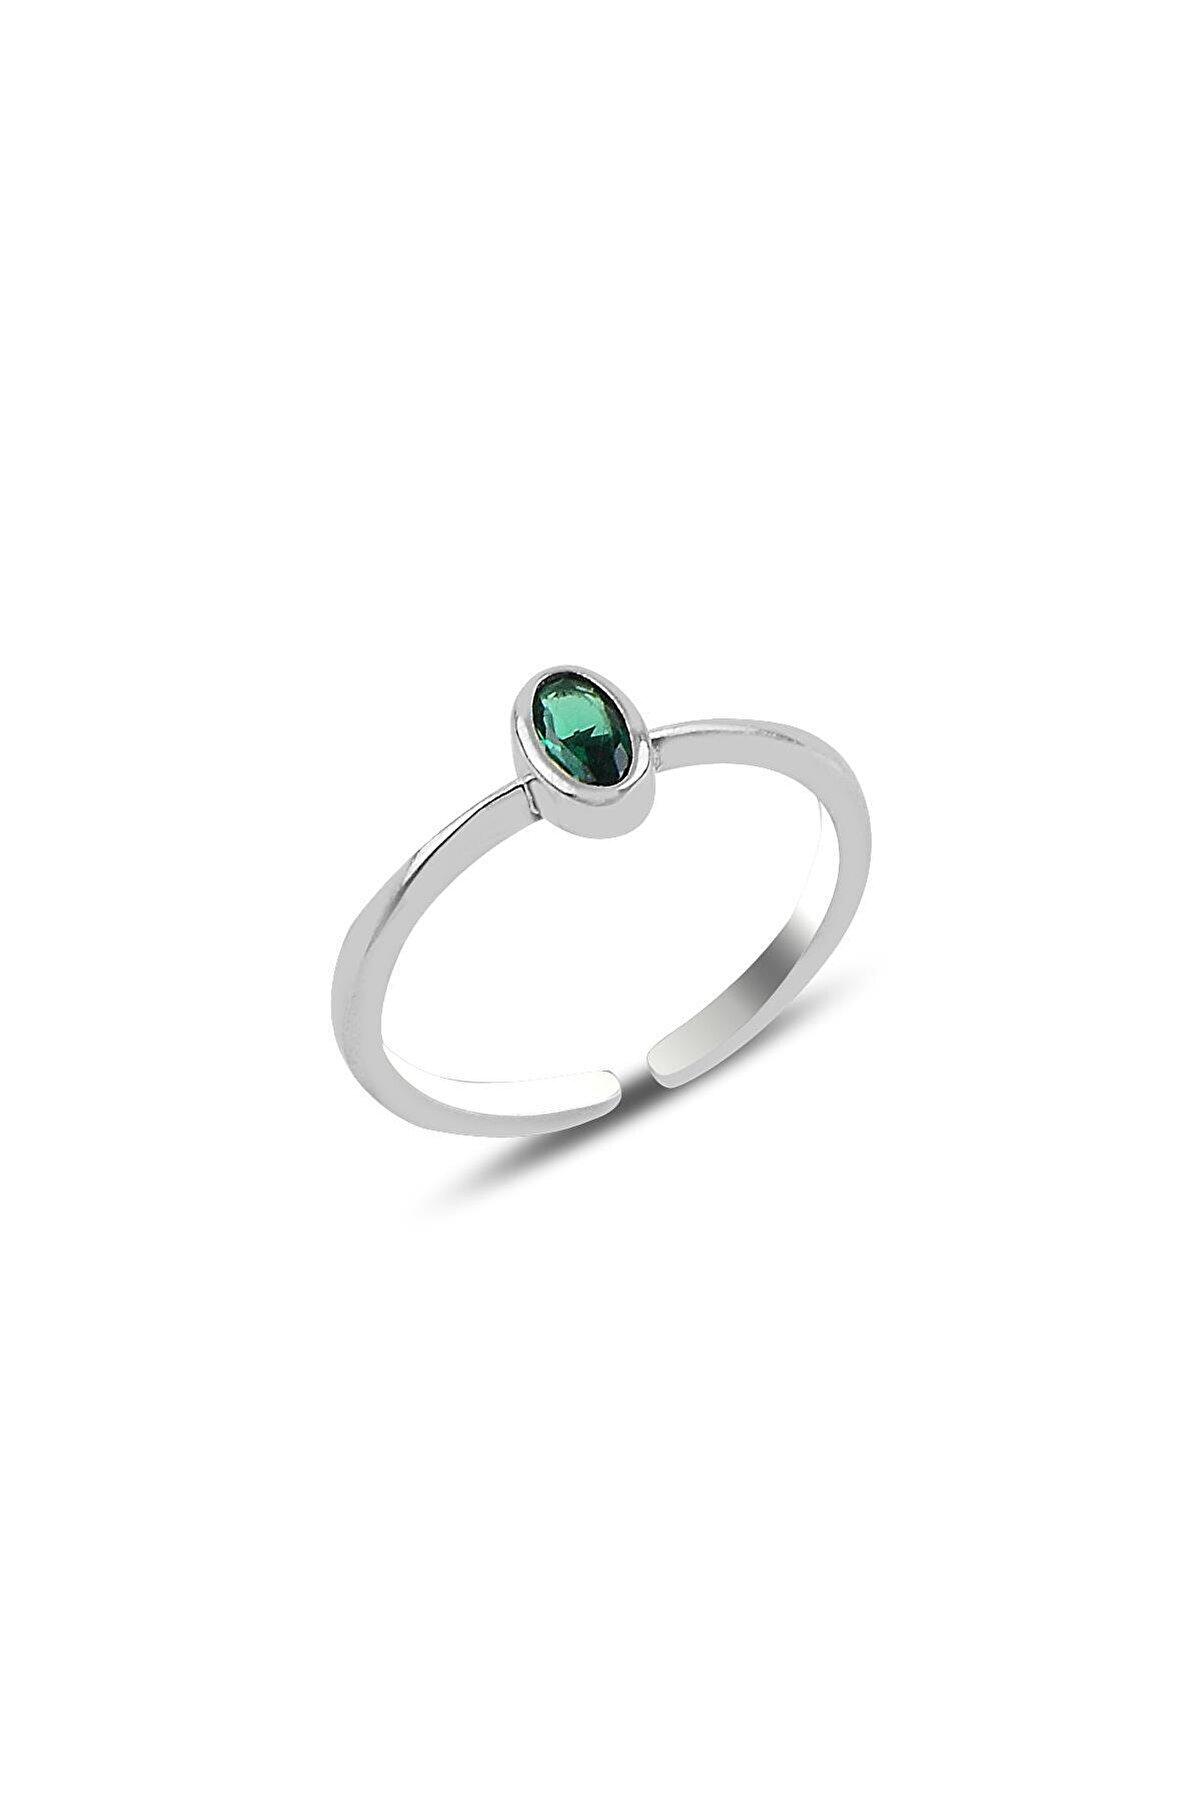 Söğütlü Silver Gümüş Rodyumlu Yeşil Taşlı Ayarlamalı Yüzük